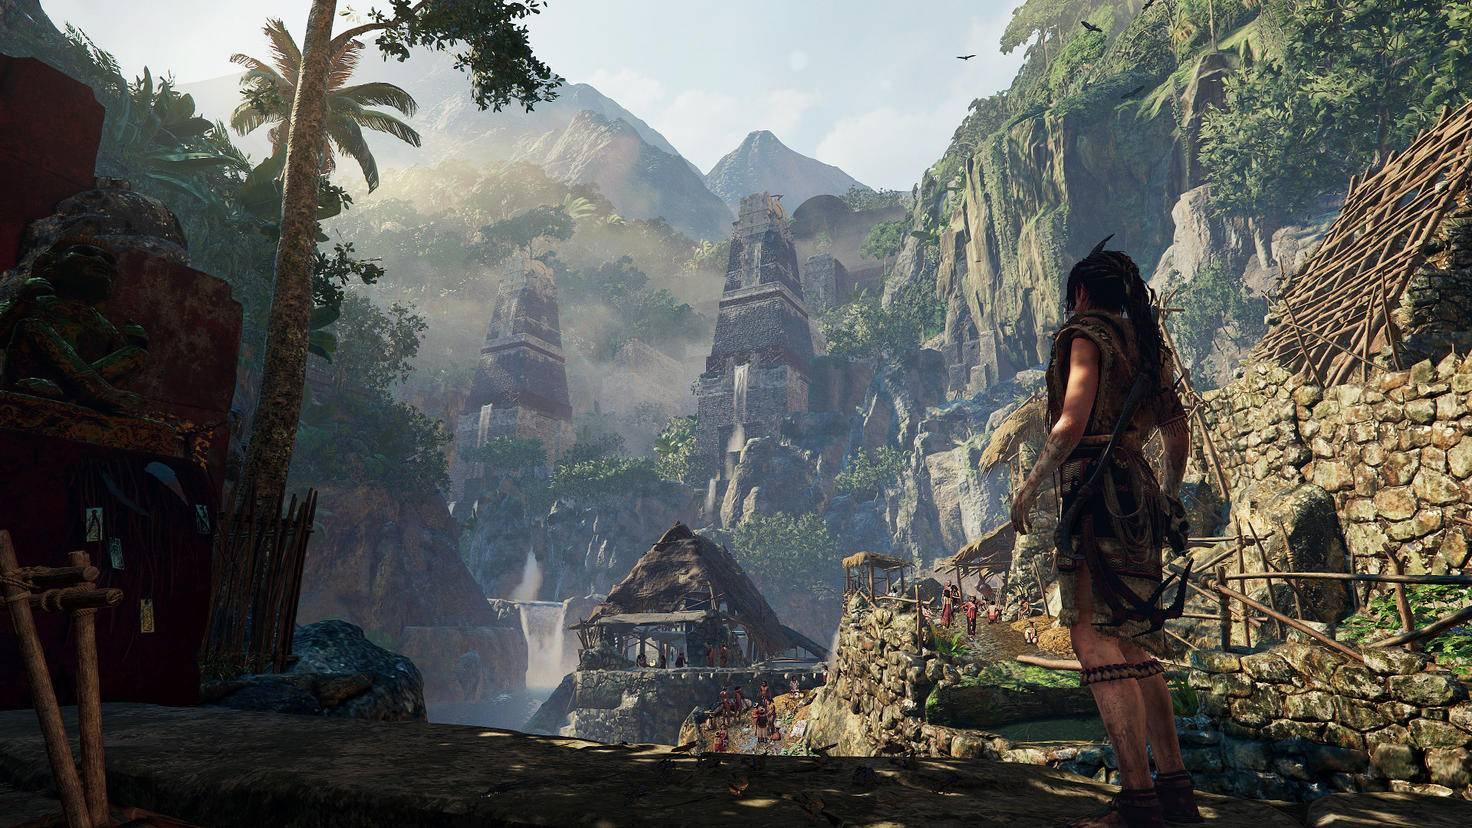 Teilweise spielt das Game in einer abgeschiedenen Dschungelstadt. Trotzdem verkaufen deren Einwohner moderne Sturmgewehre an Lara.